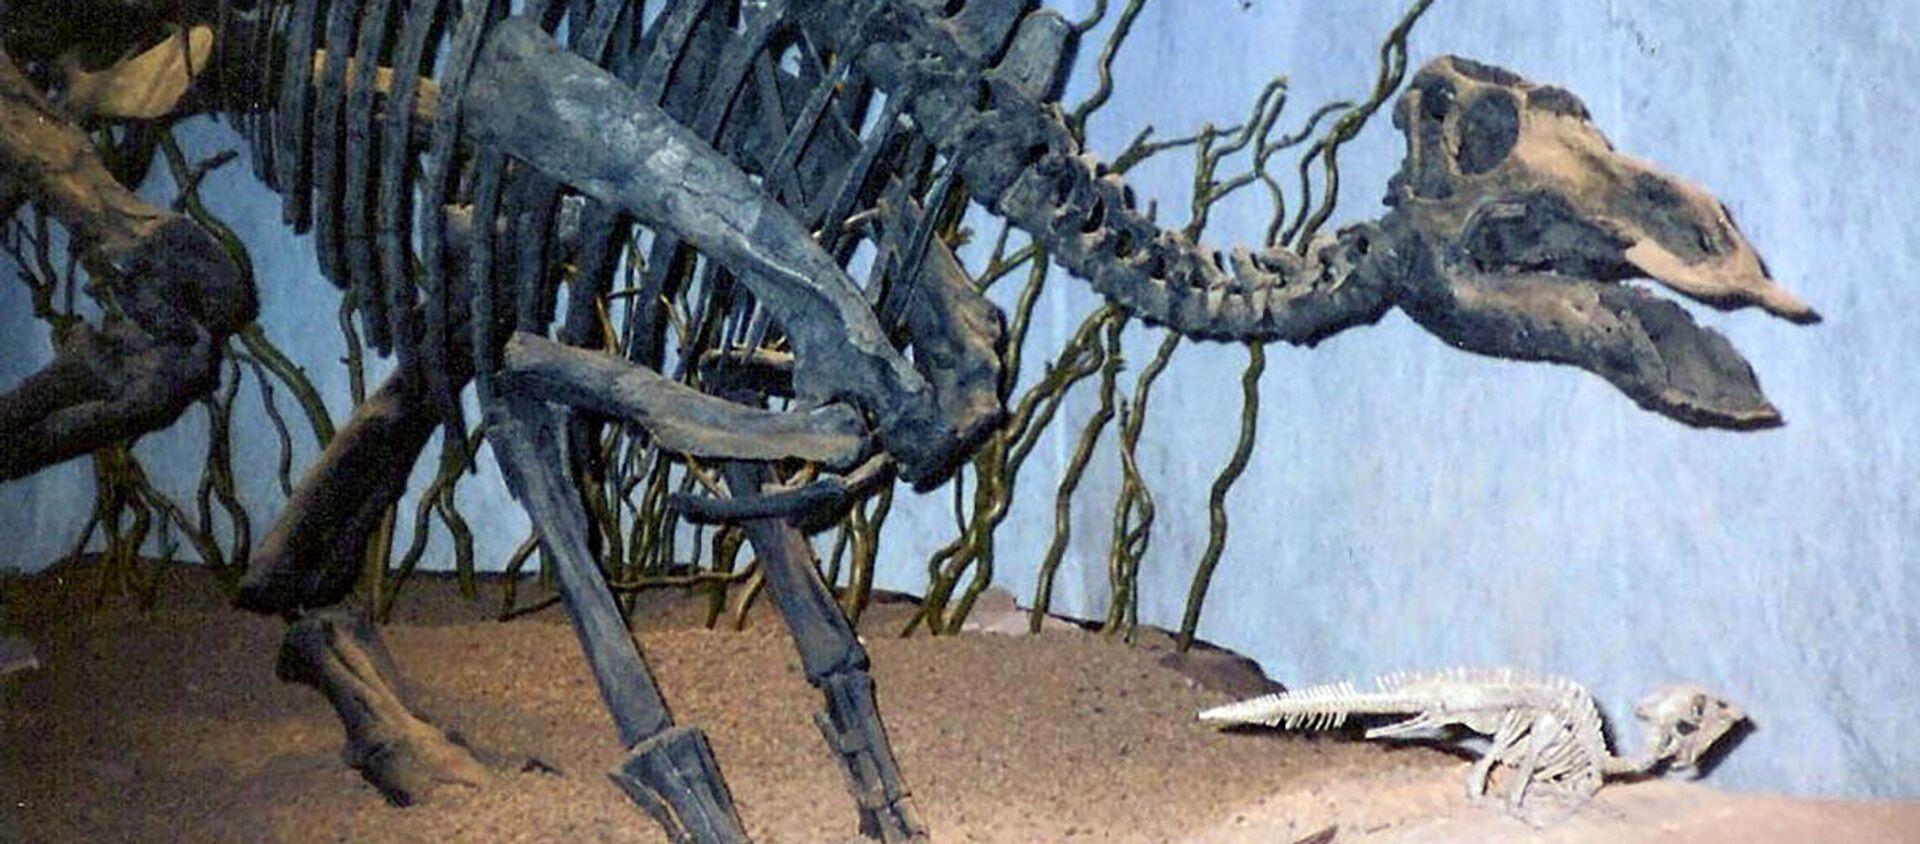 Maiasaura, rodzaj dinozaura z rodziny hadrozaurów. - Sputnik Polska, 1920, 19.02.2020